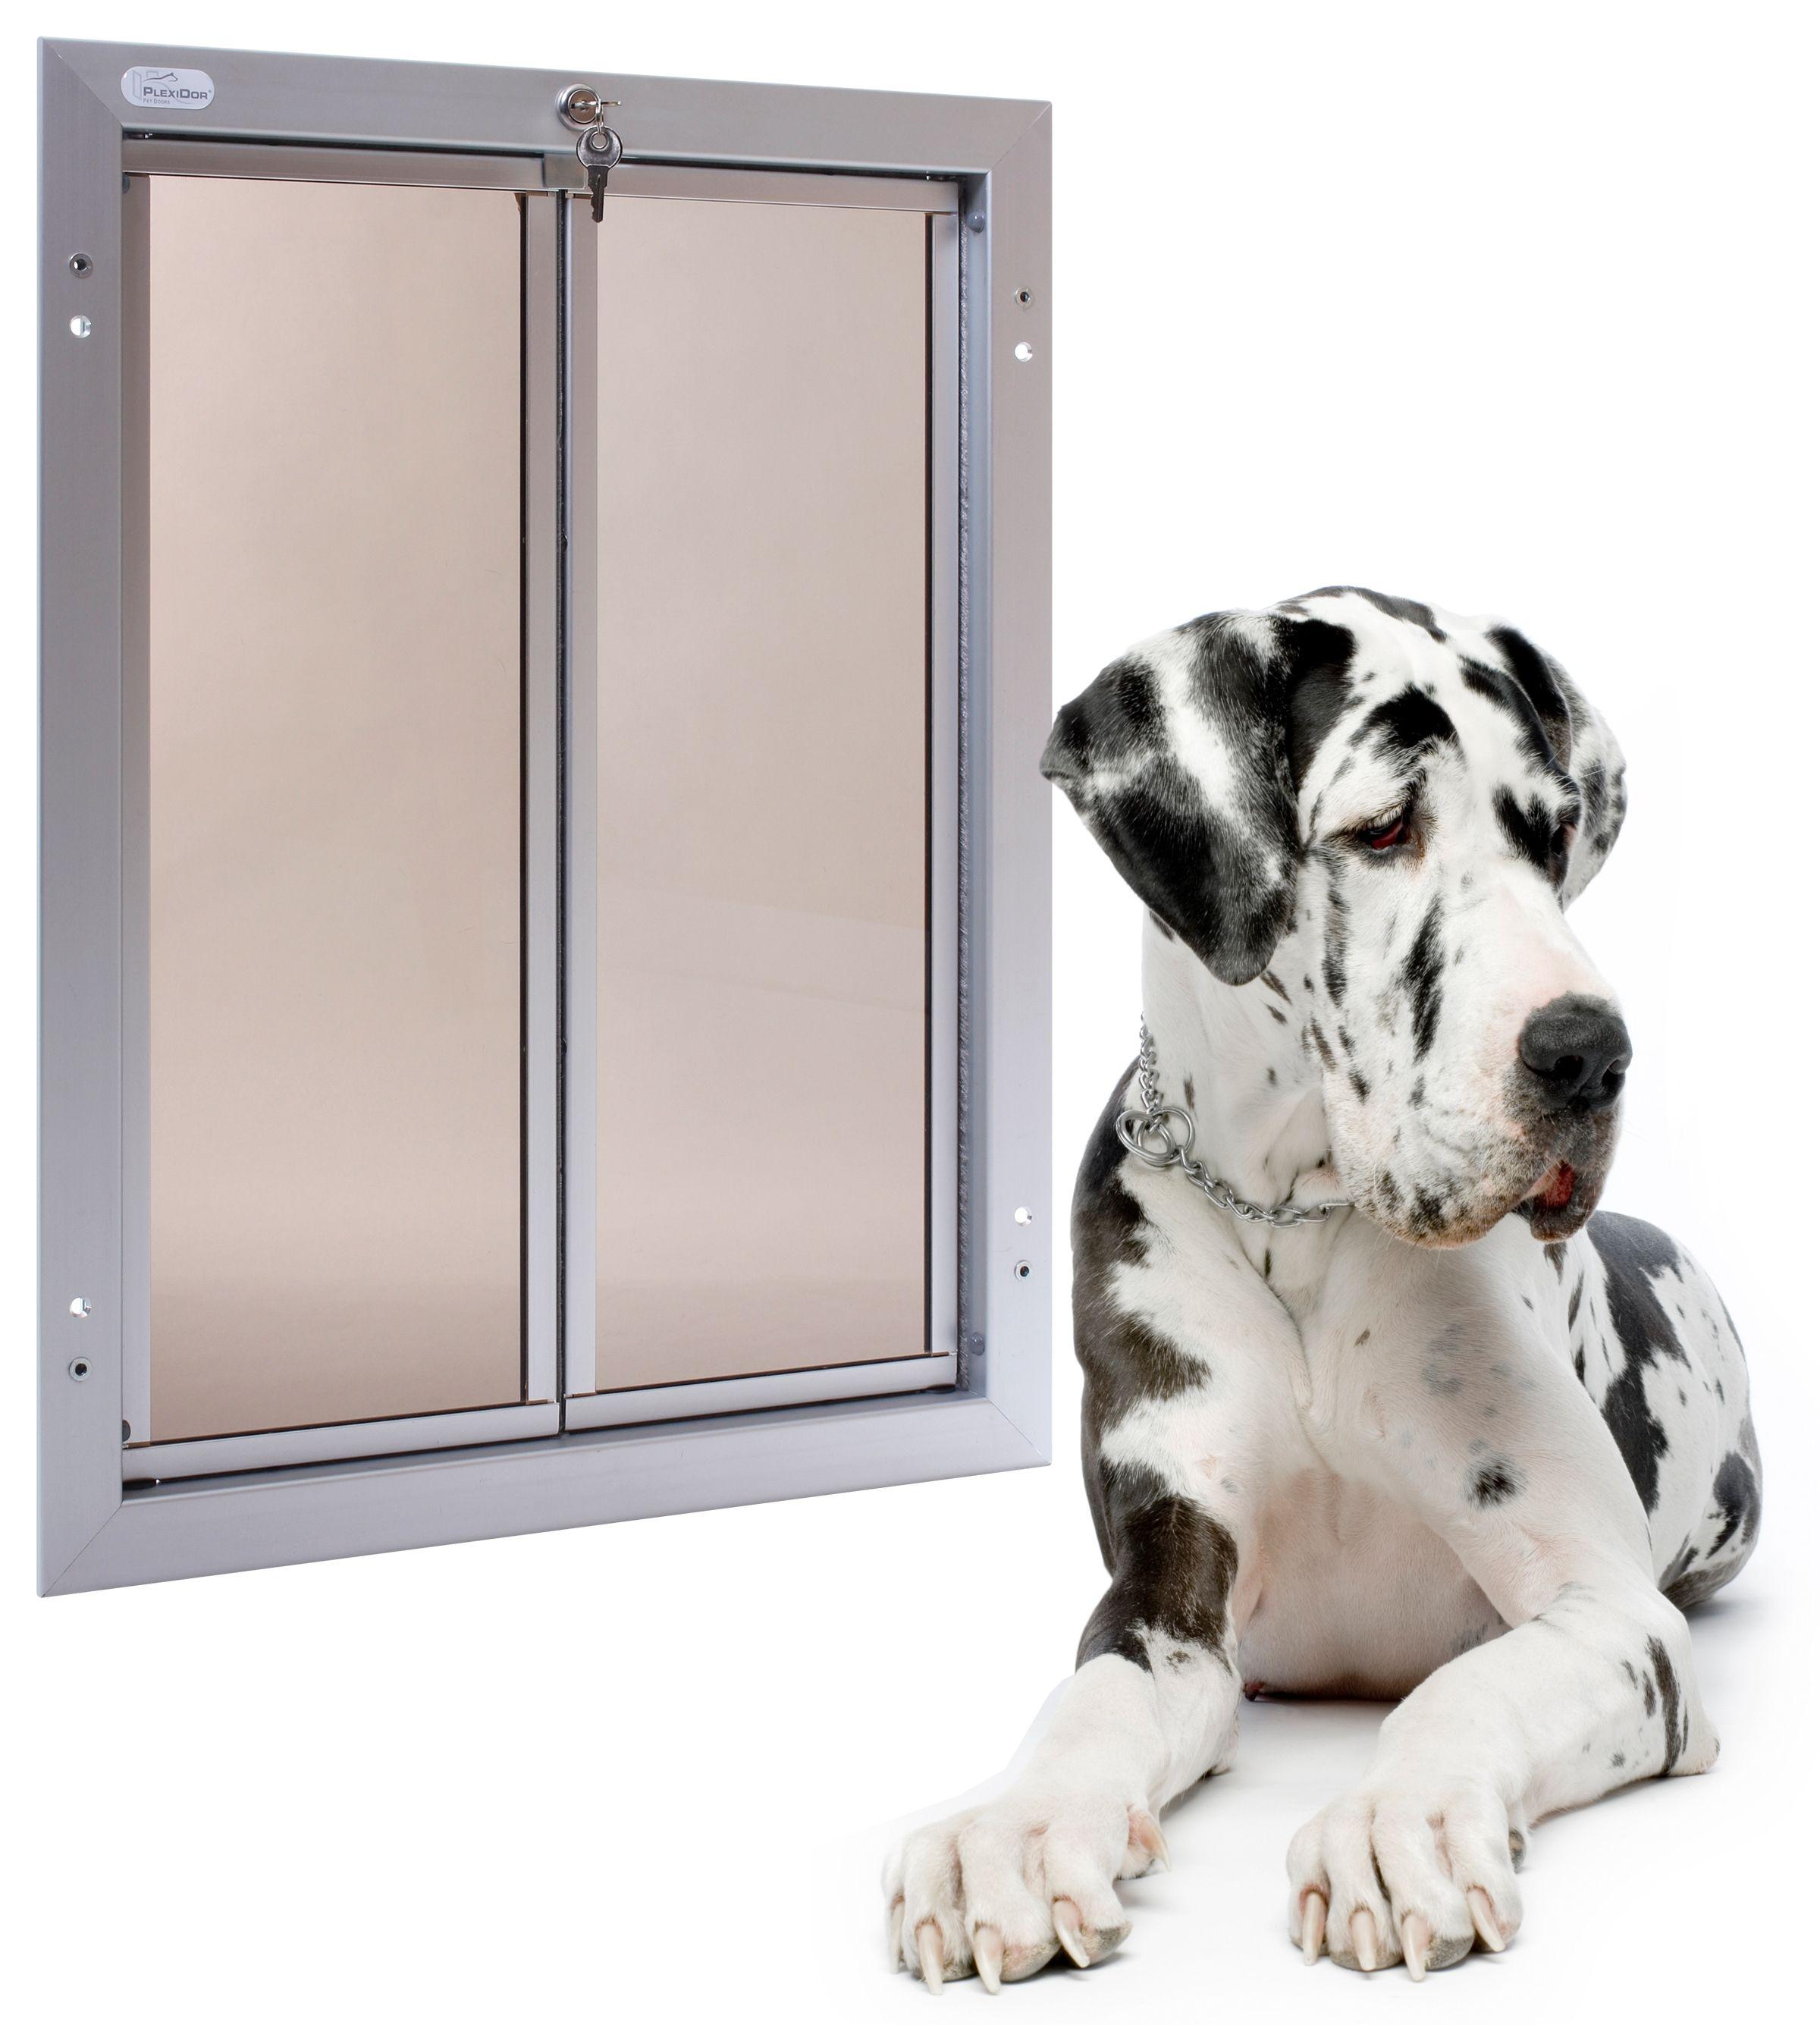 Plexidor X Large Dog Door Large Dog Door Dog Door Pet Doors